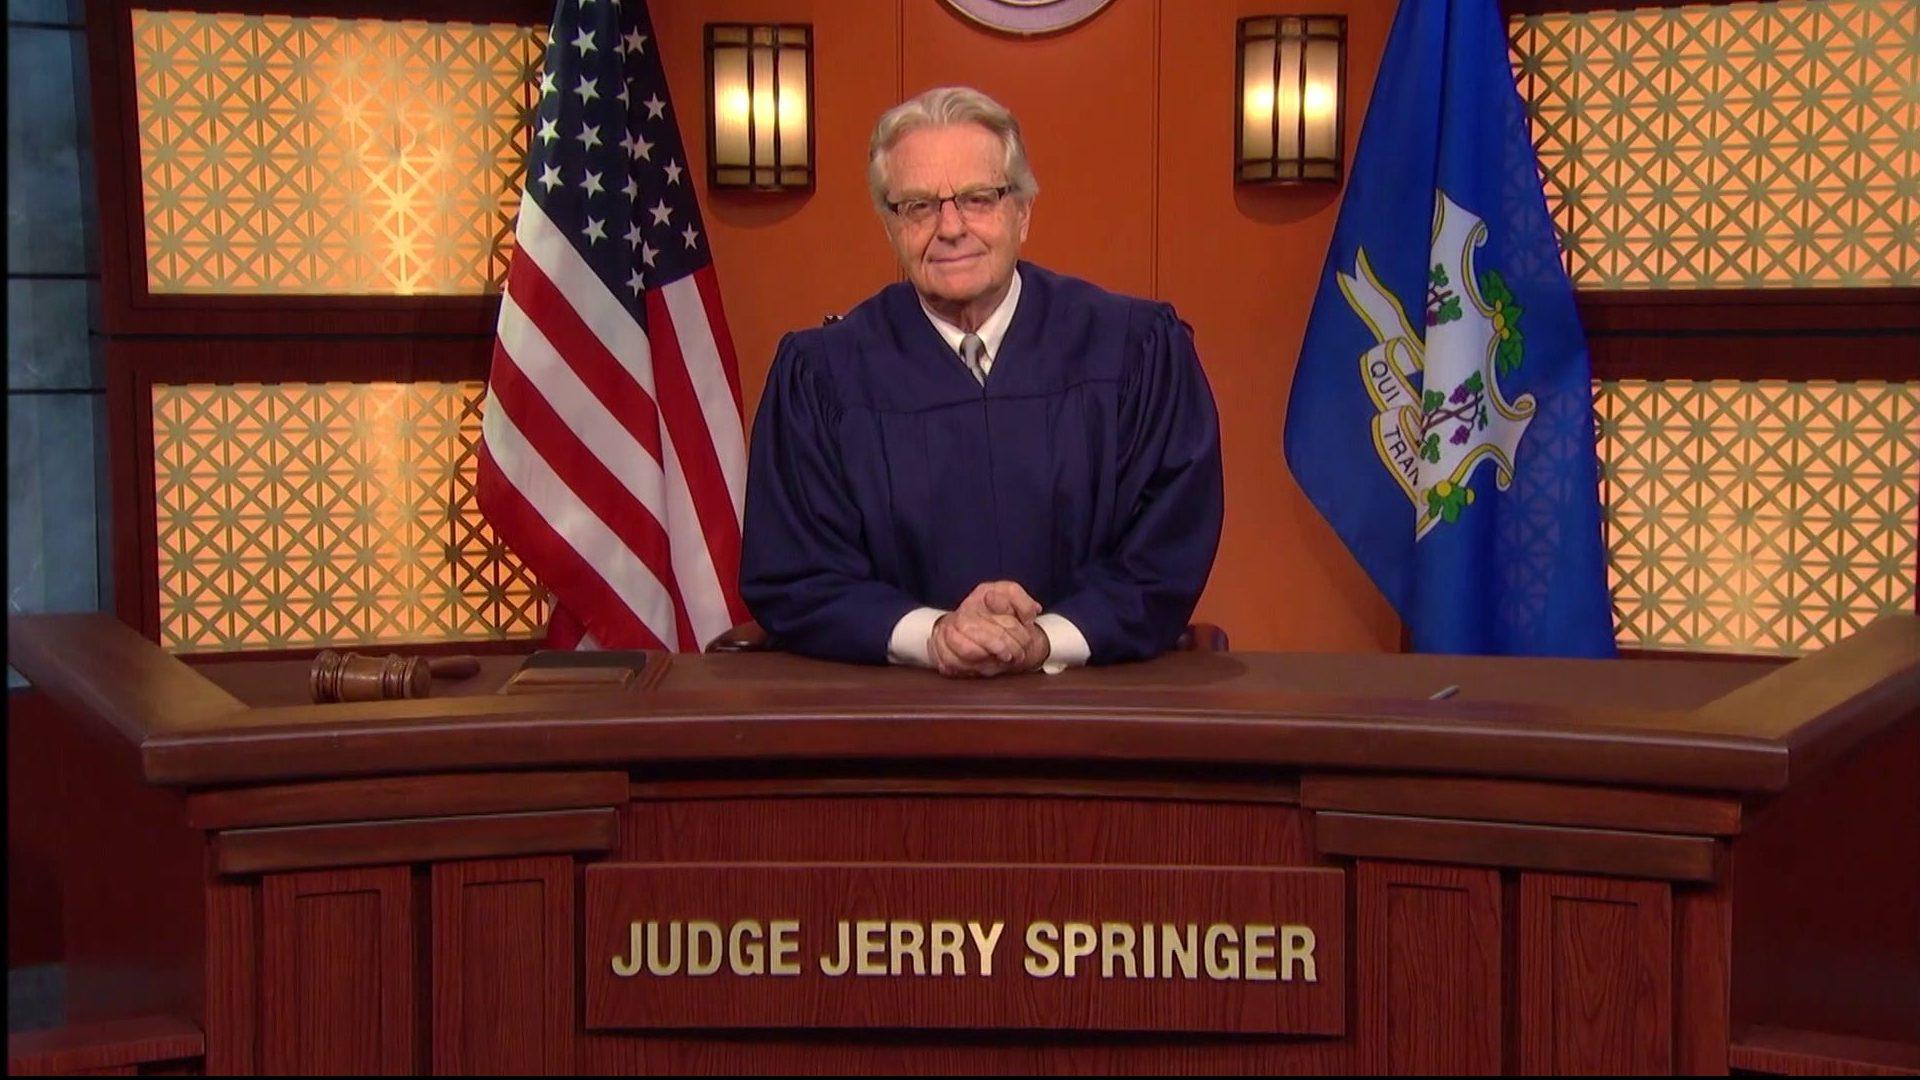 Judge-Jerry-Springer